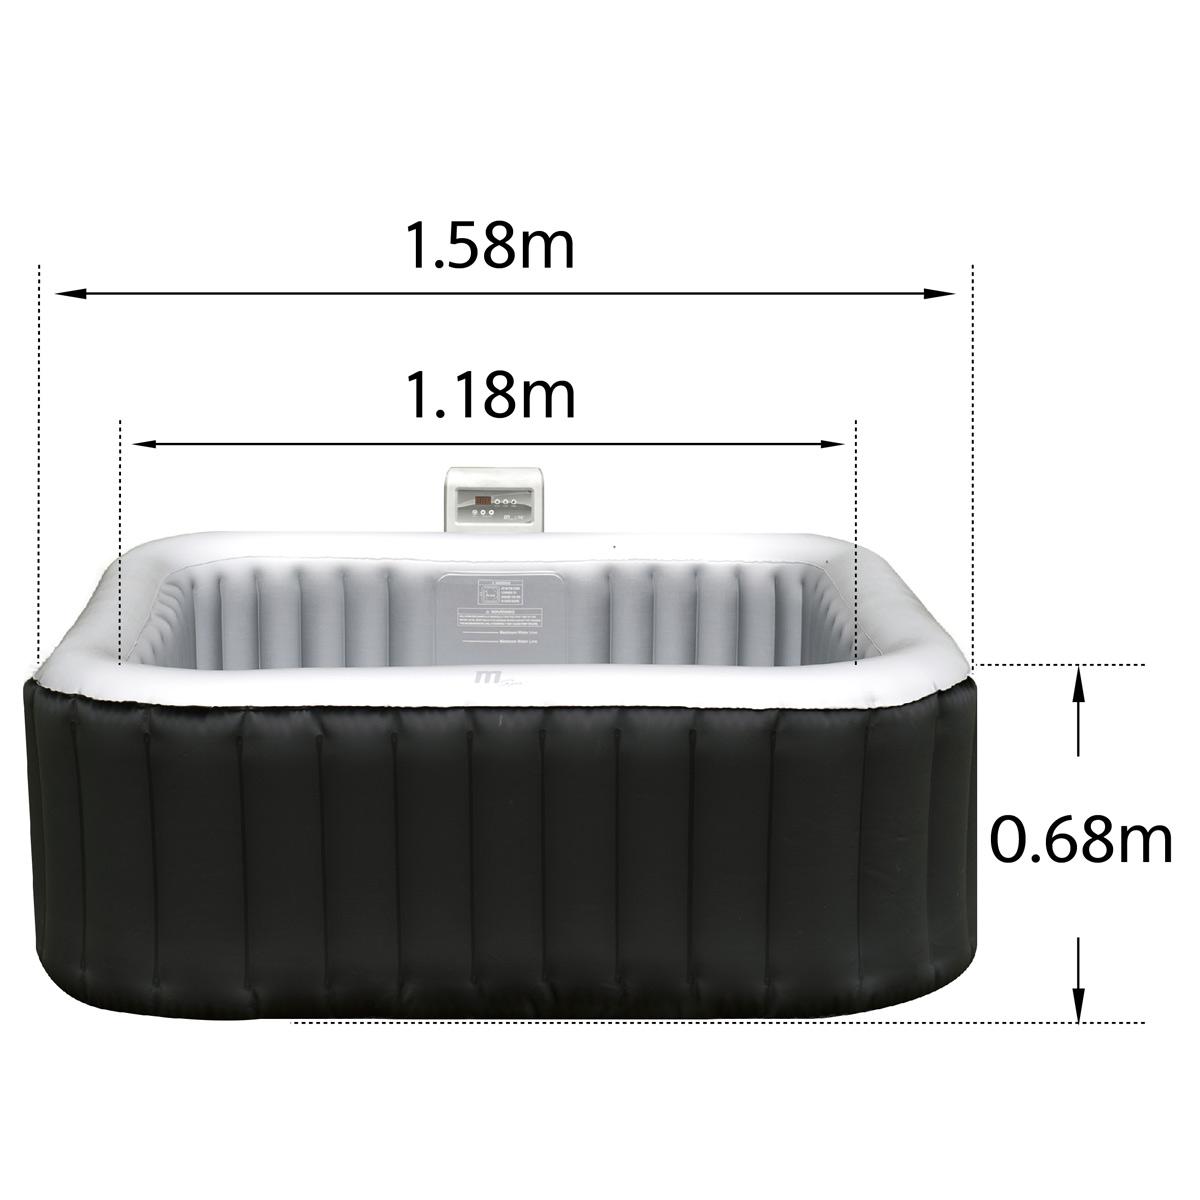 whirlpool defekt gebraucht aufblasbar beheizt massage pool heizung ebay. Black Bedroom Furniture Sets. Home Design Ideas